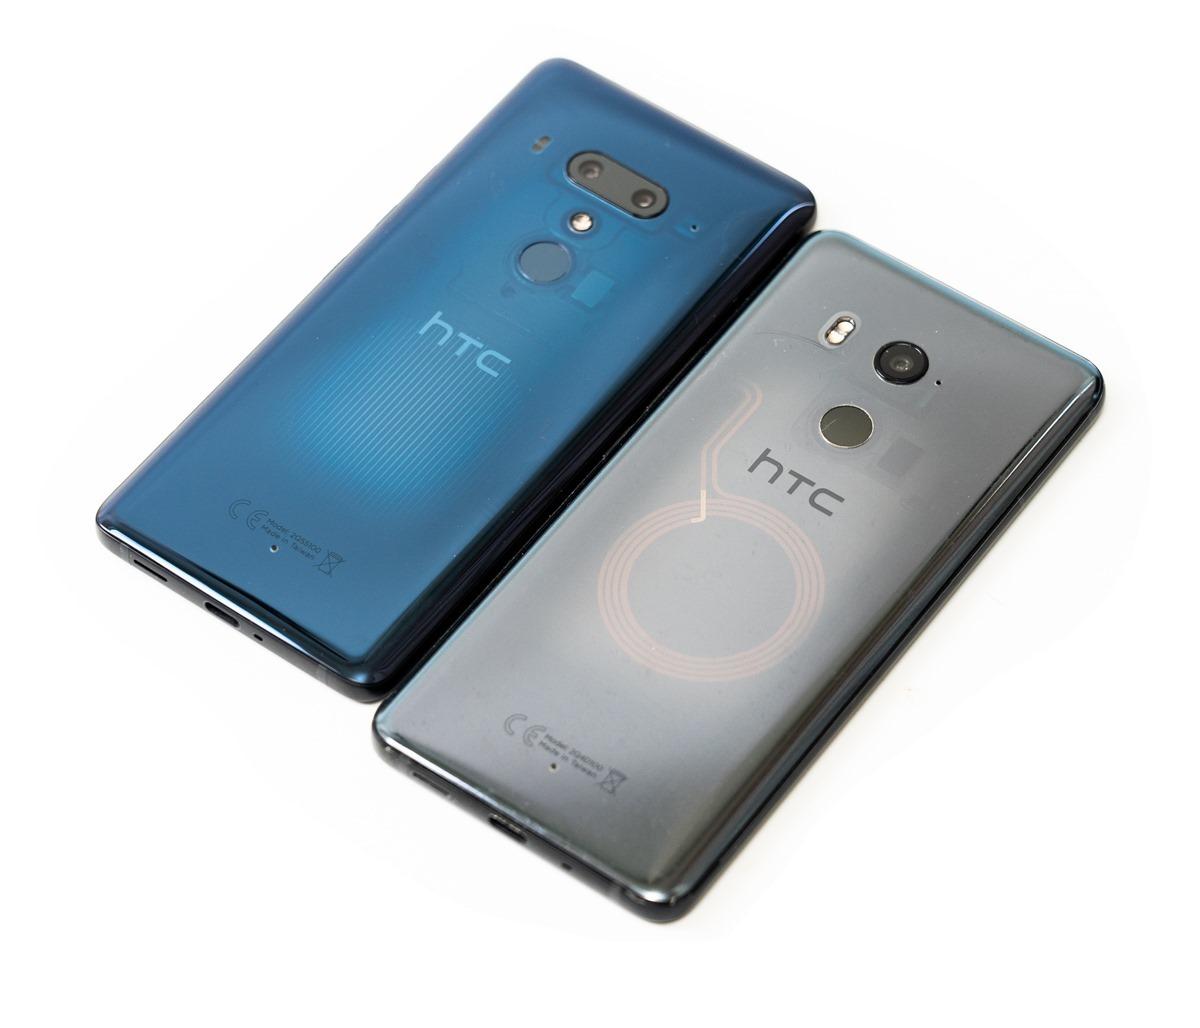 HTC U12+ 台灣上市啦!來看看阿輝 U12+ 實拍分享 (1) 香港旅遊玩耍實拍 @3C 達人廖阿輝